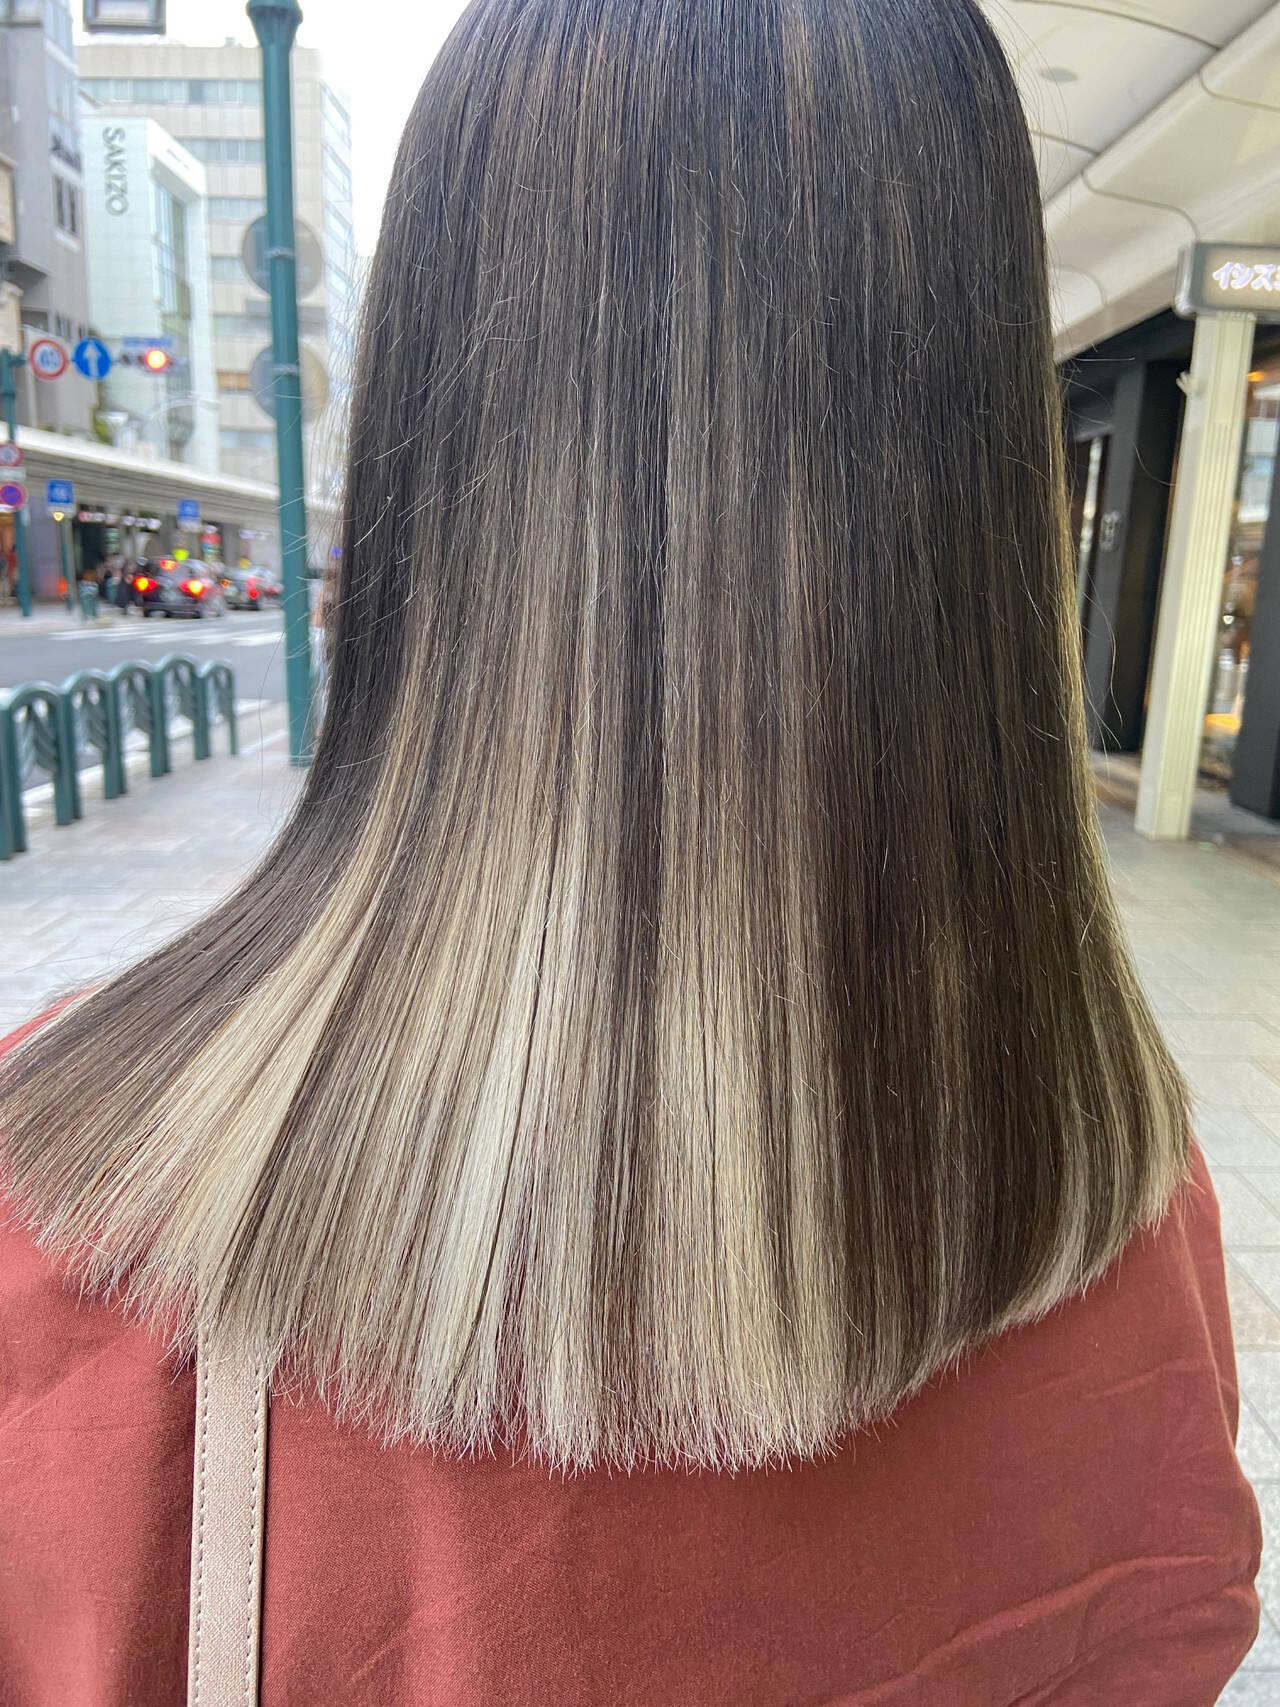 ブリーチ ミディアム ホワイトブリーチ ブリーチカラーヘアスタイルや髪型の写真・画像